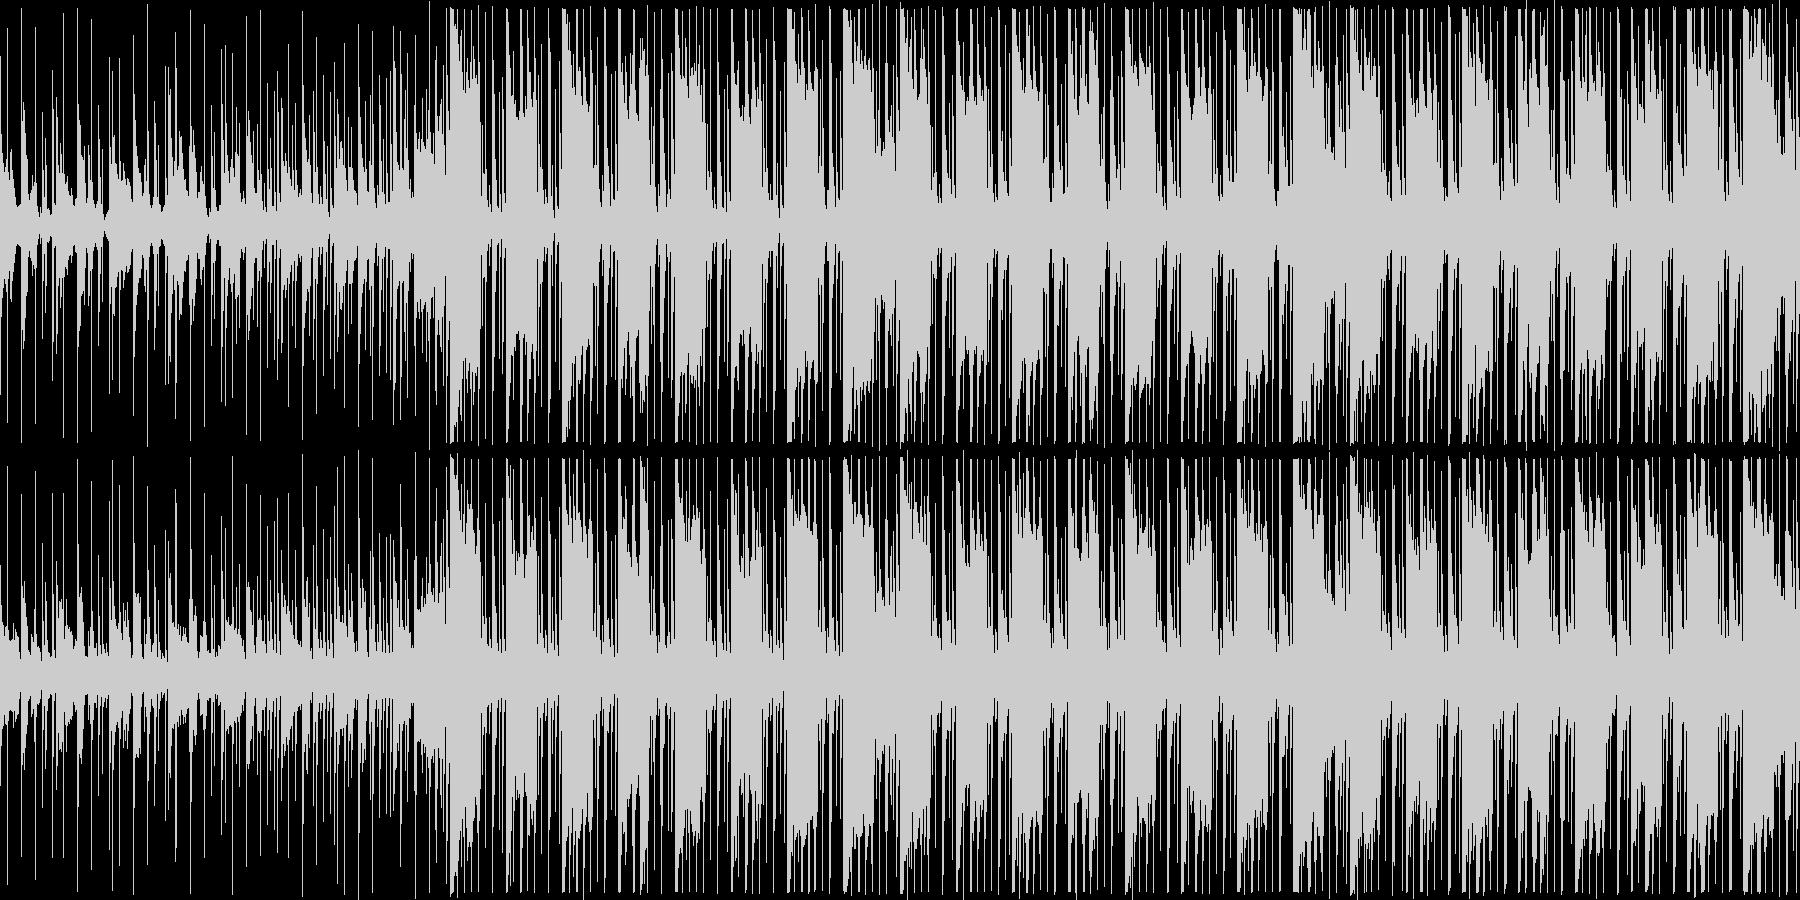 少し機械的な淡々とした/企業VP系06rの未再生の波形